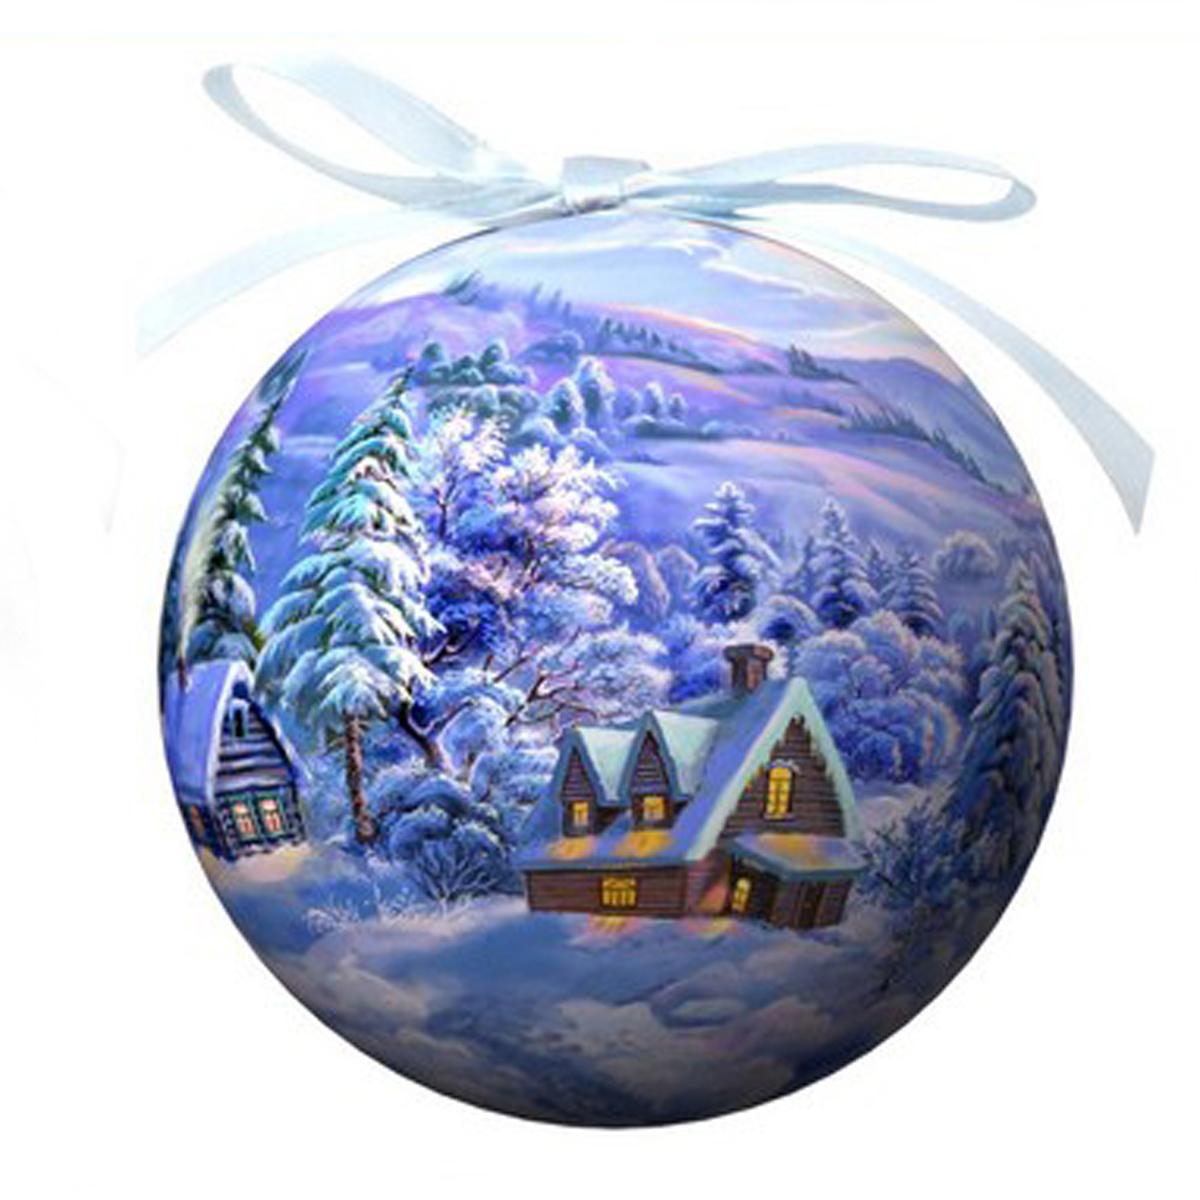 Елочное украшение Шар. Зимний пейзаж, диаметр 10 см. 2028820288Оригинальное подвесное украшение Шар. Зимний пейзаж прекрасно подойдет для праздничного декора дома и новогодней ели. Шар, выполненный из пластмассы, оформлен красочным изображением зимней природы. Благодаря плотному корпусу изделие никогда не разобьется, поэтому вы можете быть уверены, что оно прослужит вам долгие годы. С помощью атласной ленточки голубого цвета украшение можно повесить на новогоднюю елку. Елочная игрушка - символ Нового года. Она несет в себе волшебство и красоту праздника. Создайте в своем доме атмосферу веселья и радости, украшая новогоднюю елку нарядными игрушками, которые будут из года в год накапливать теплоту воспоминаний.